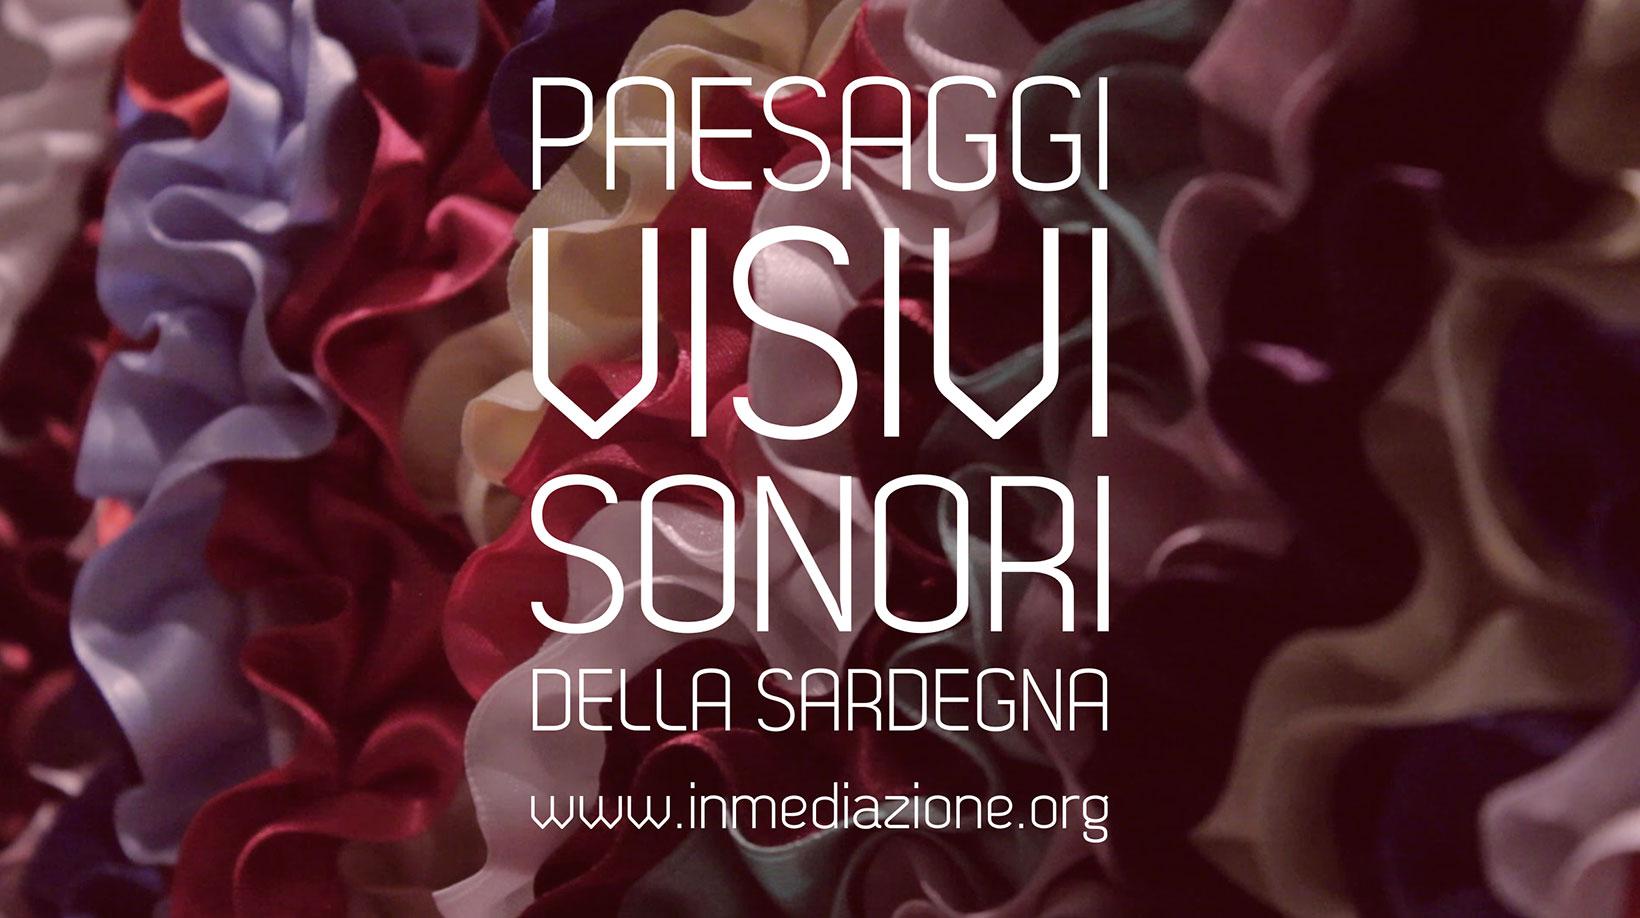 Paesaggi visivi e sonori della Sardegna | www.inmediazione.org